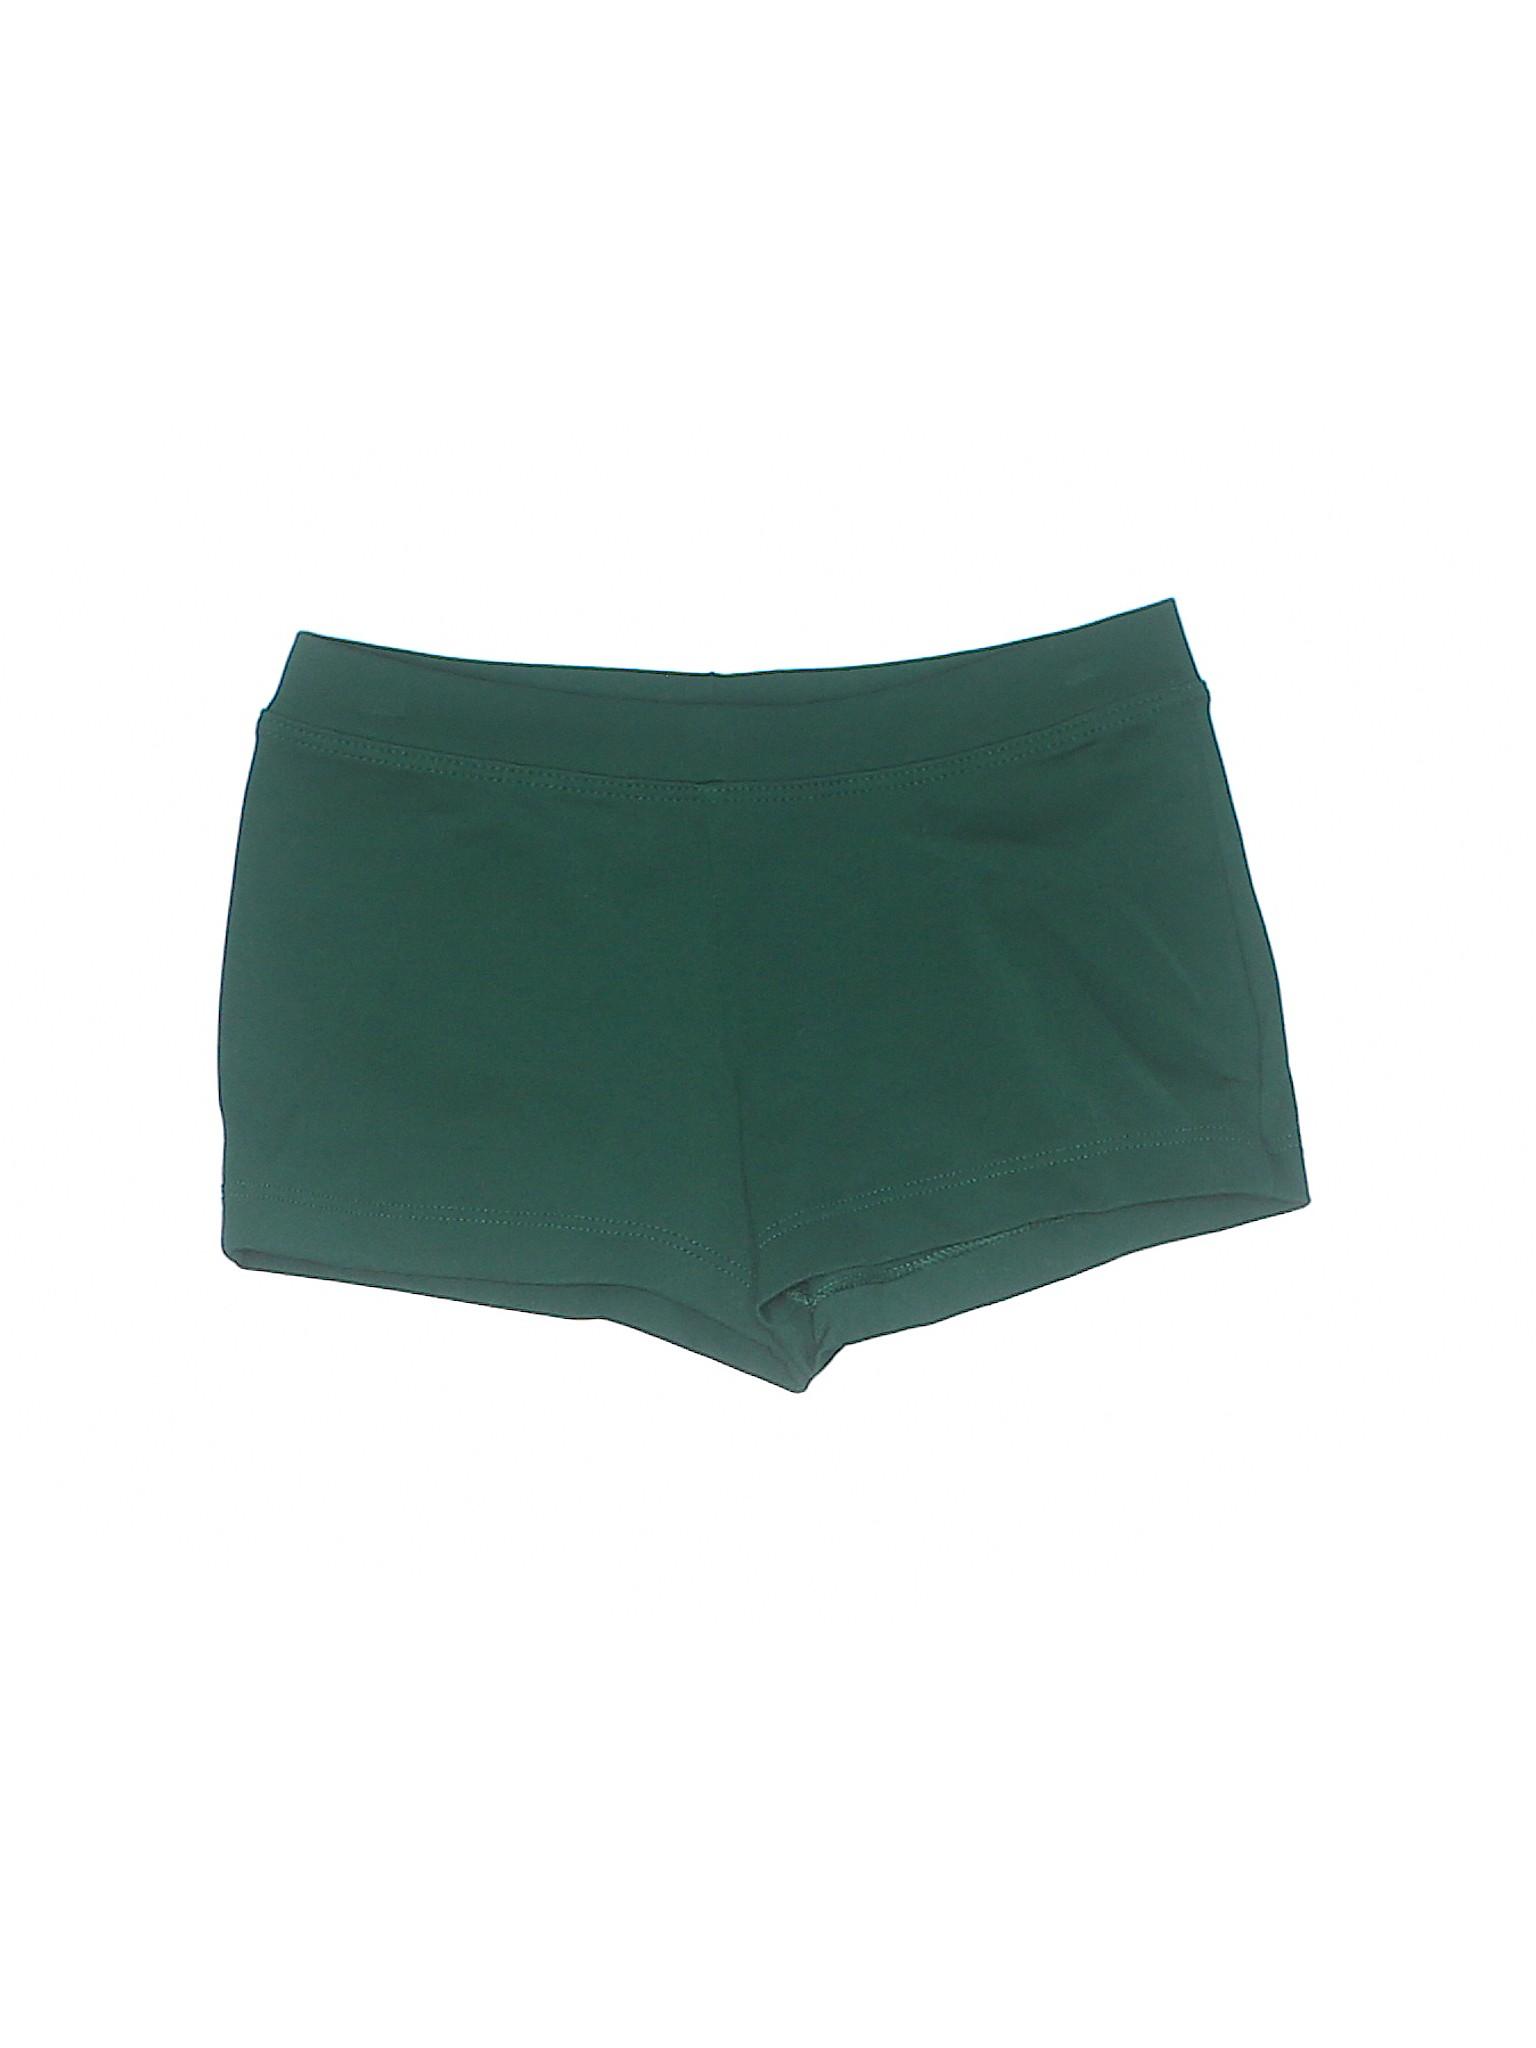 Boutique Shorts Shorts Capezio Capezio Capezio Shorts Boutique Shorts Boutique Boutique Capezio r17SrOcqw